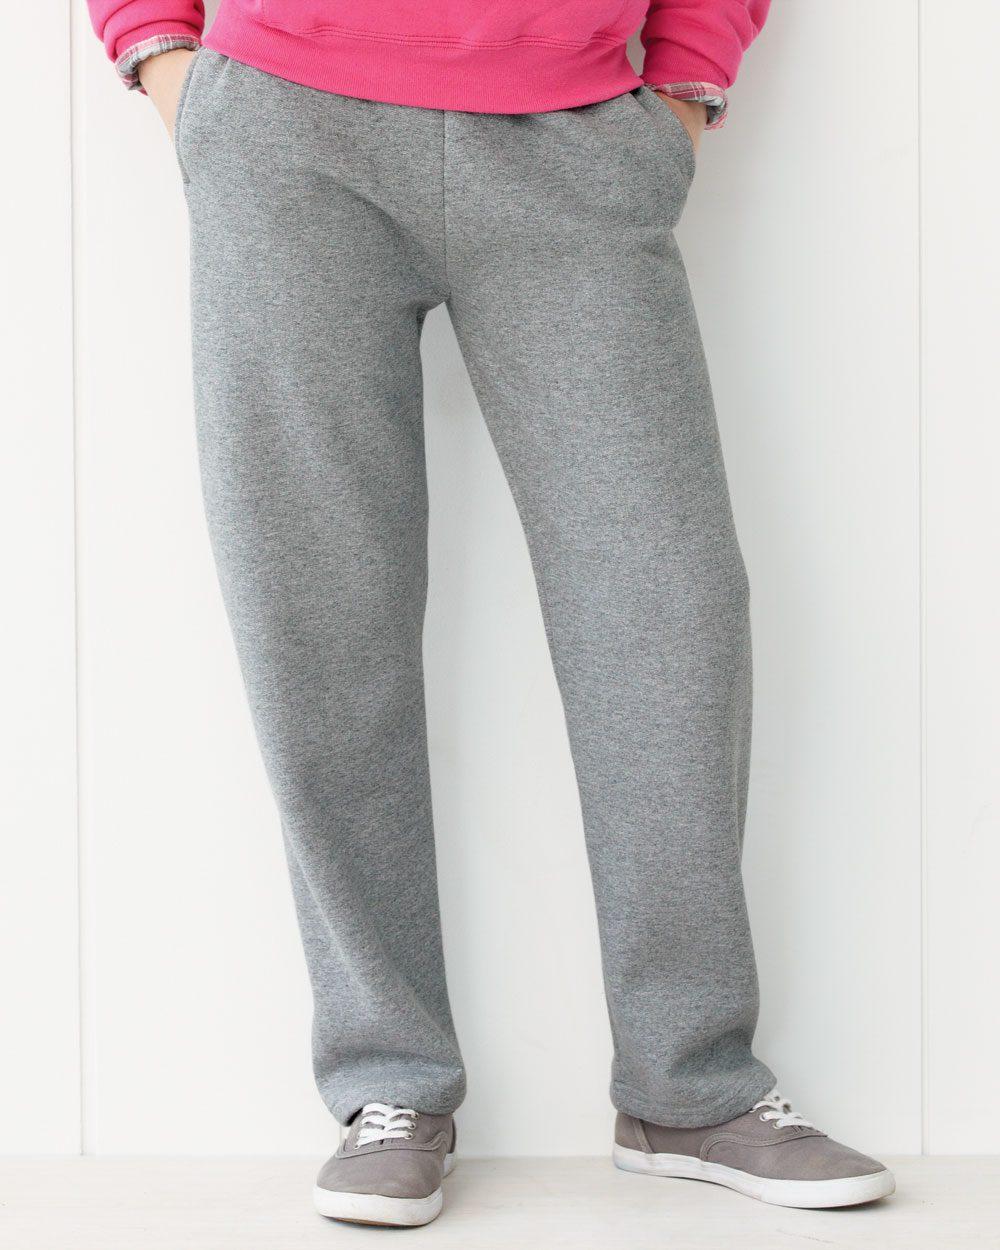 edd9dfe2e0cf40 JERZEES Nublend® Youth 50/50 Open Bottom Sweatpants .